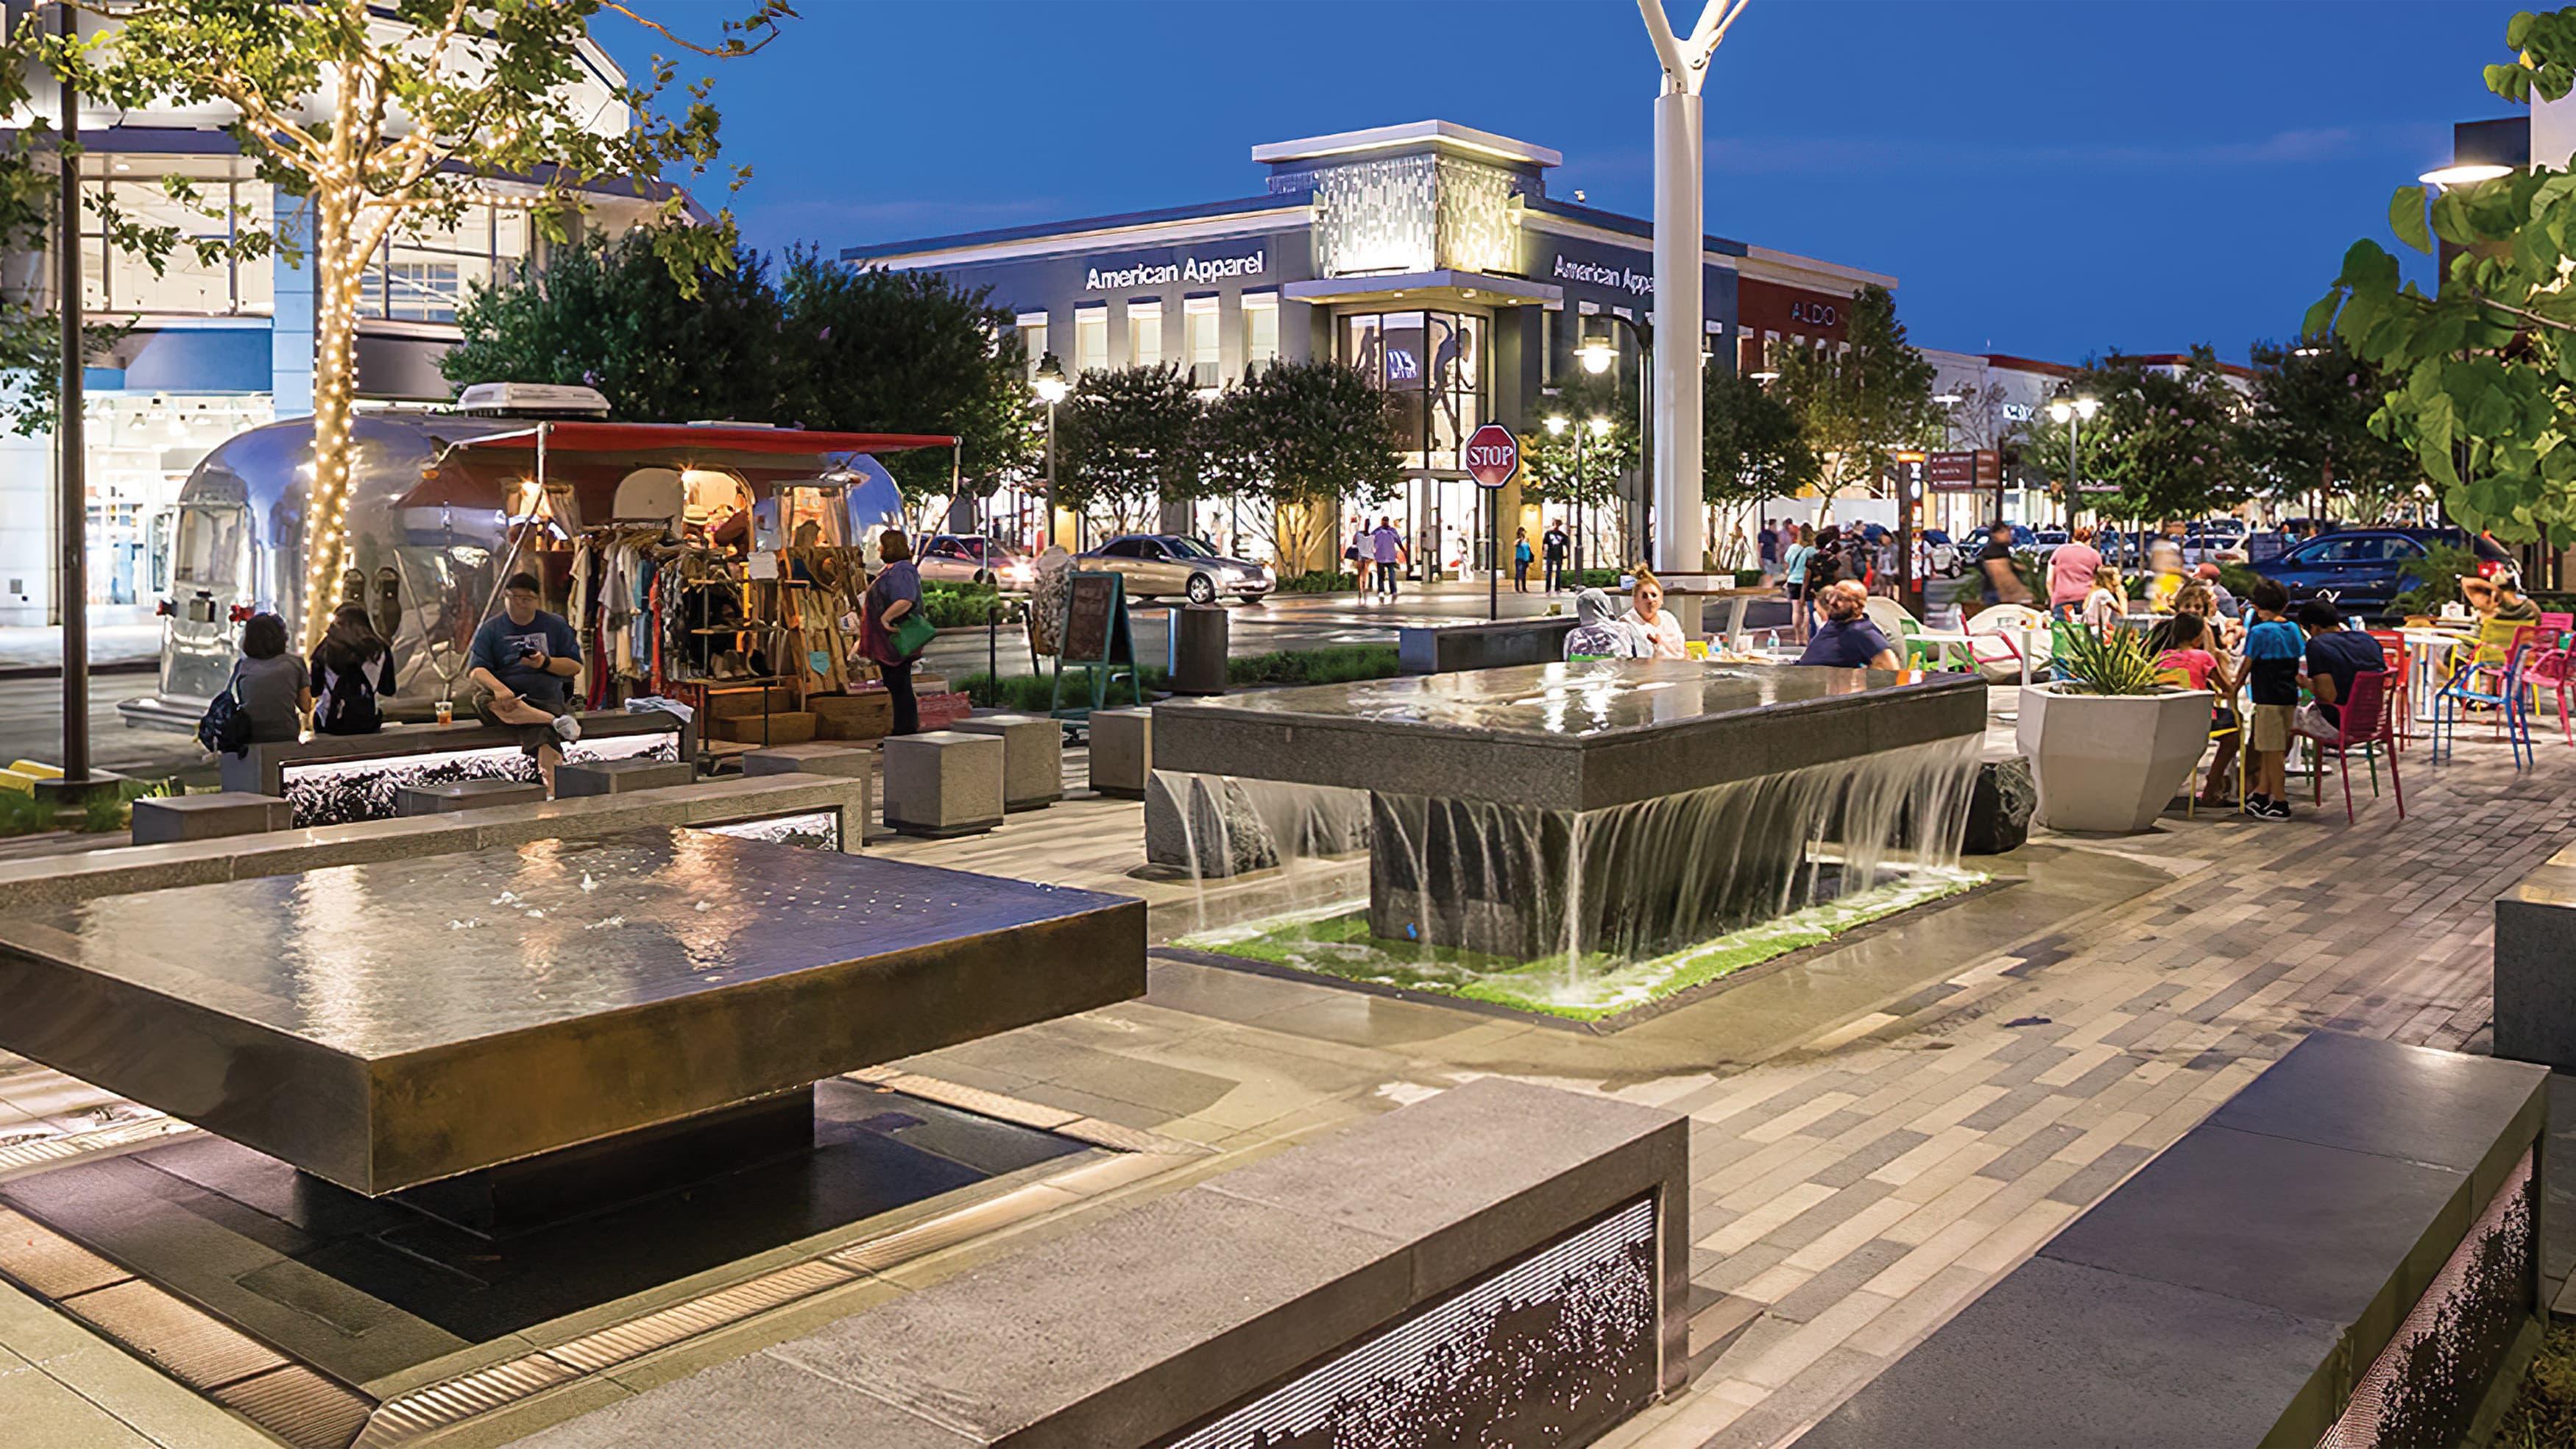 An example of a social-media friendly environment: Victoria Garden's Monet Avenue